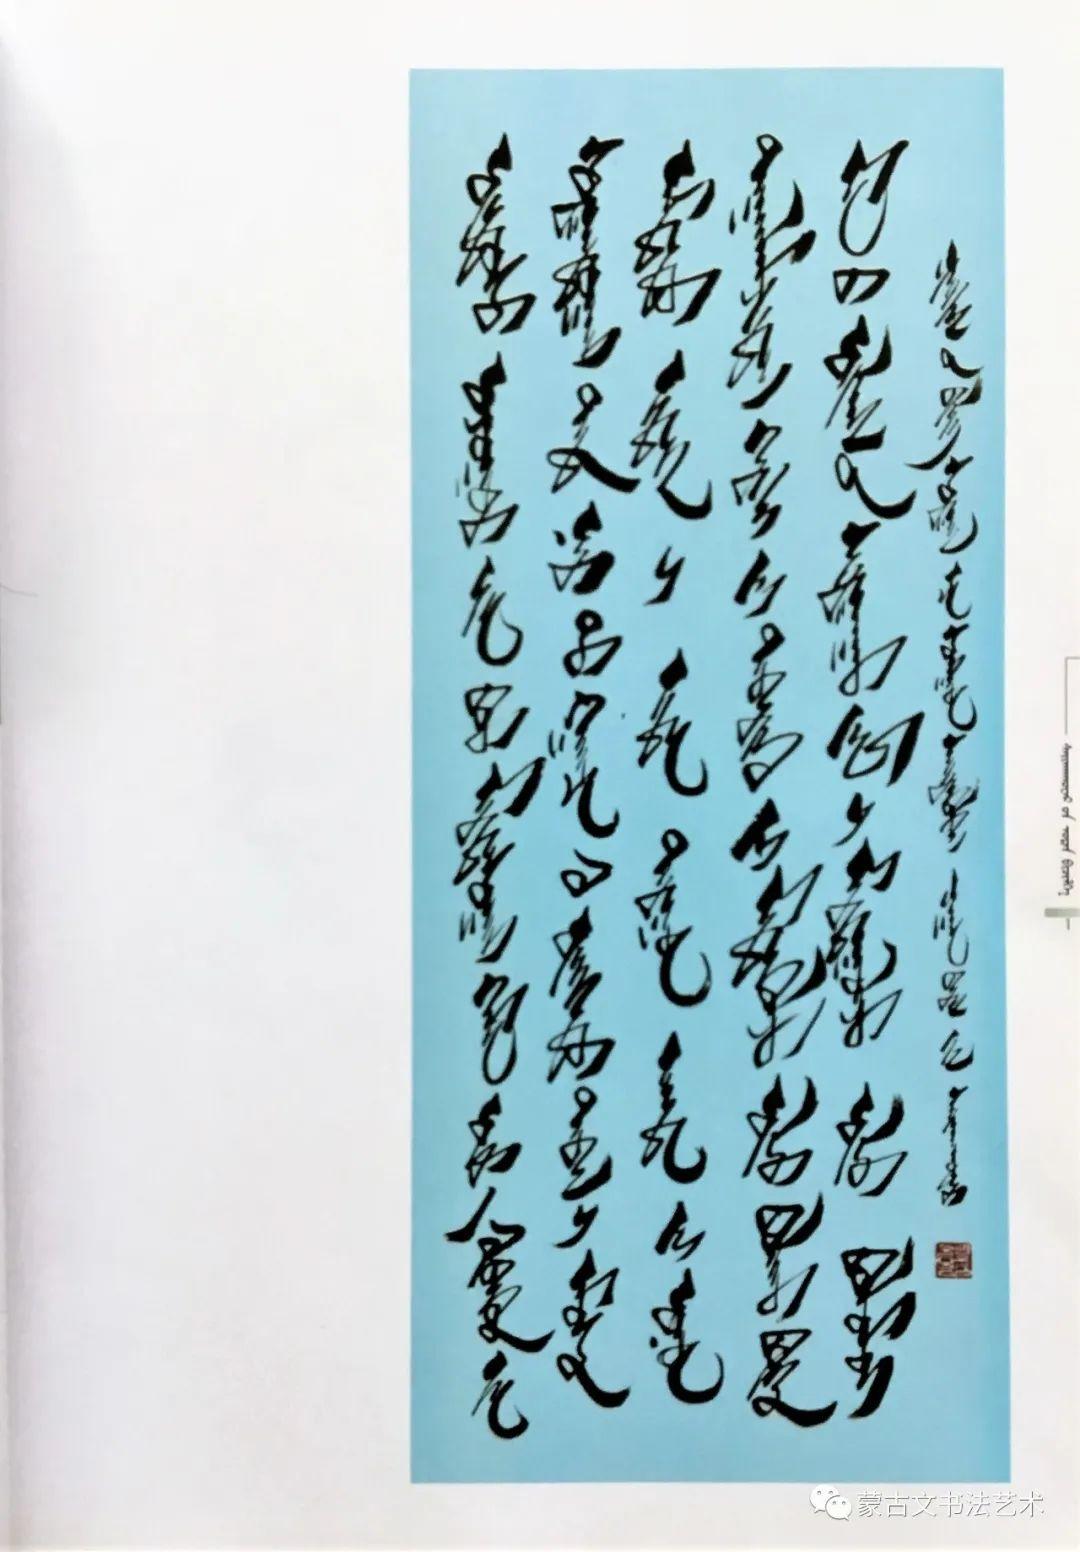 包赛音花《传奇奈曼-包赛音花蒙古文书法》 第6张 包赛音花《传奇奈曼-包赛音花蒙古文书法》 蒙古书法